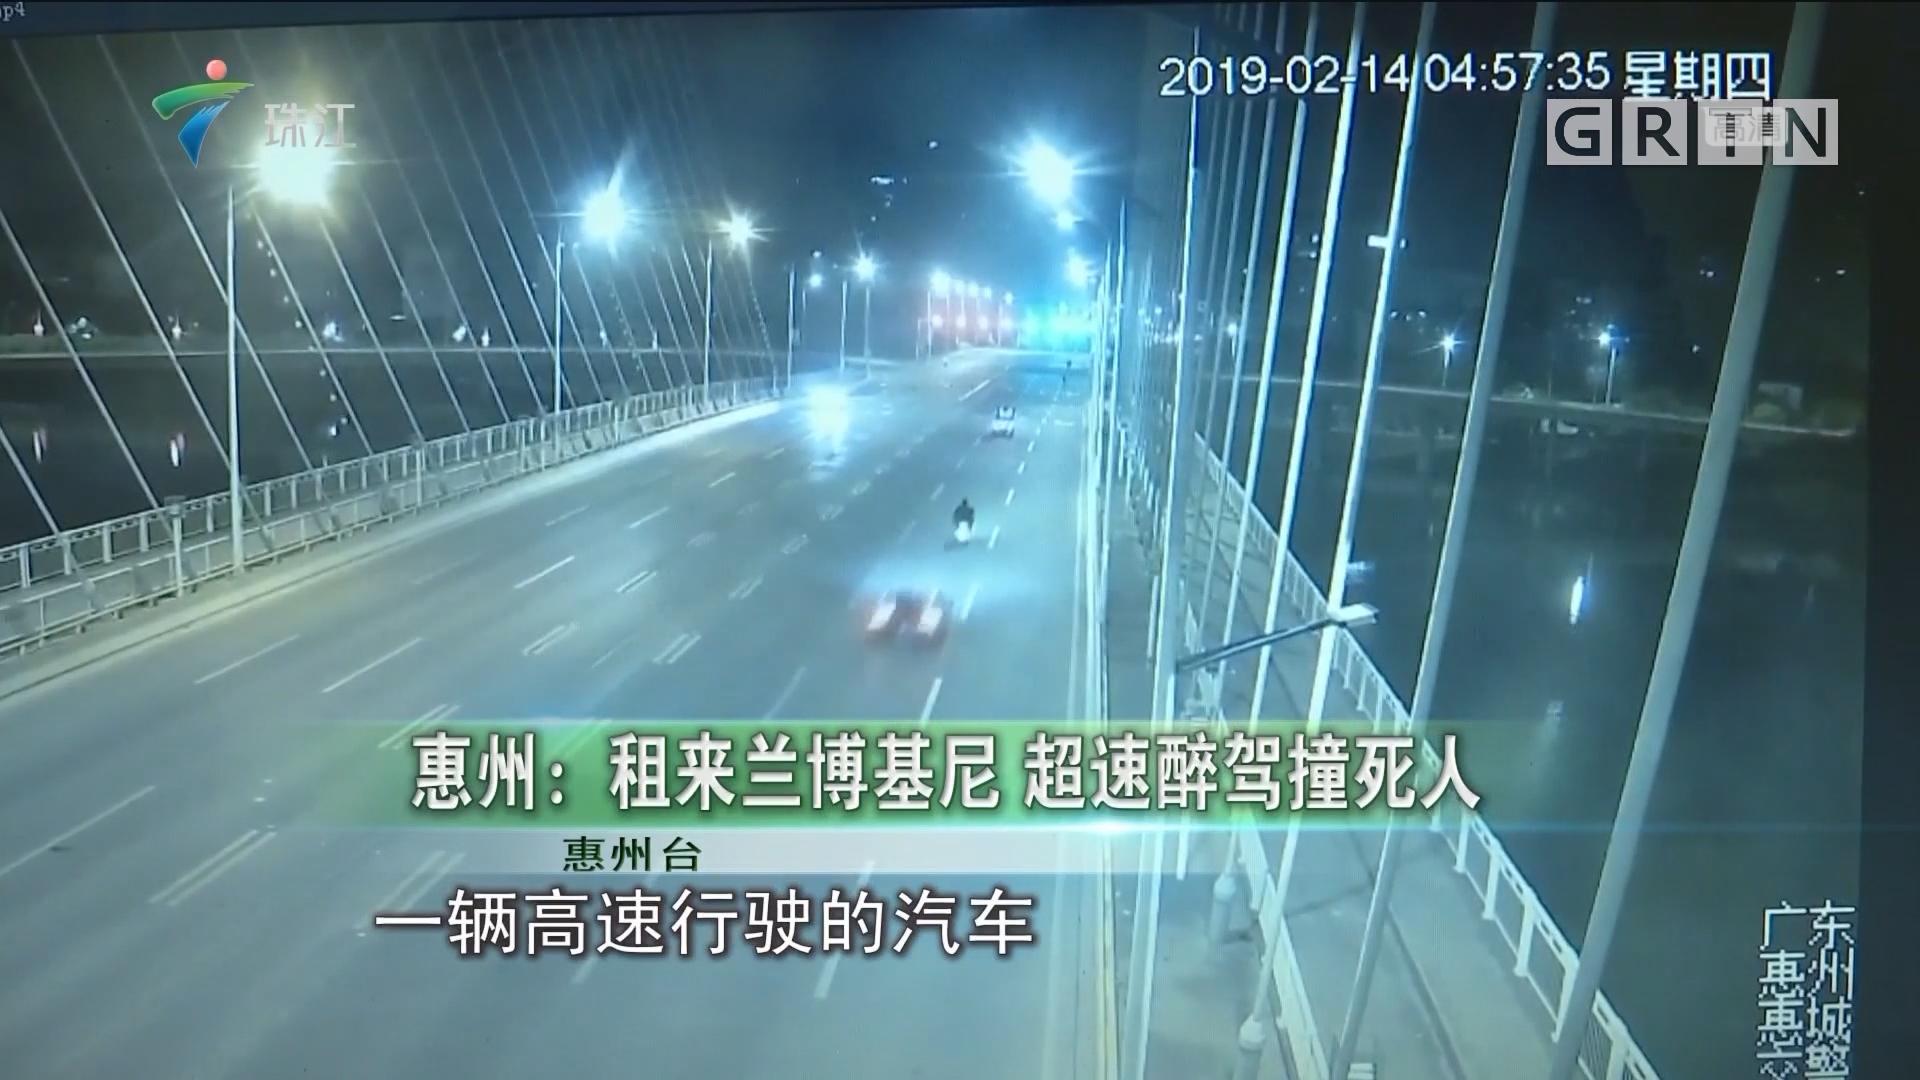 惠州:租来兰博基尼 超速醉驾撞死人